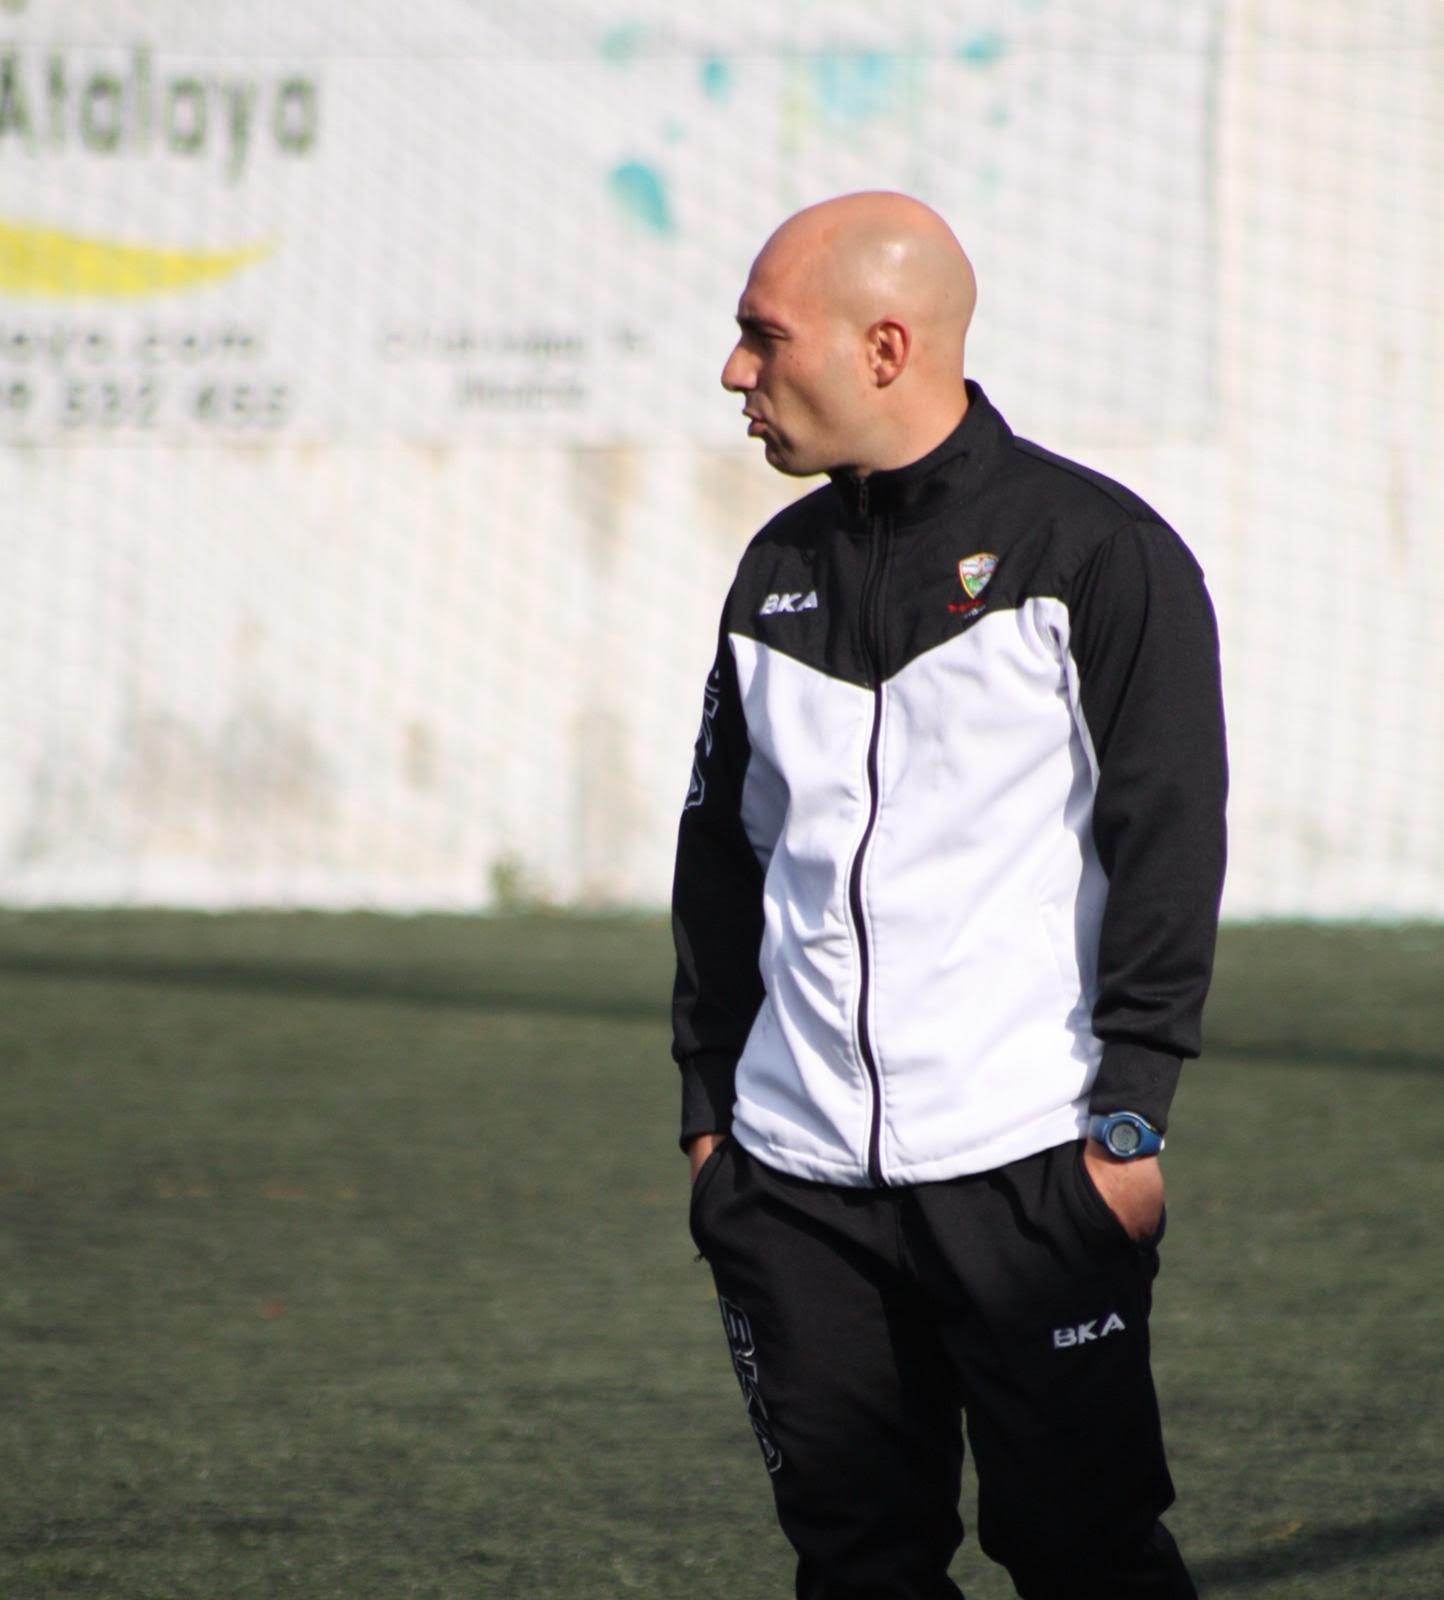 """Fernando Galiano, entrenador del Cadete A: """"Vamos a trabajar duro para estar en la parte alta de la clasificación"""""""